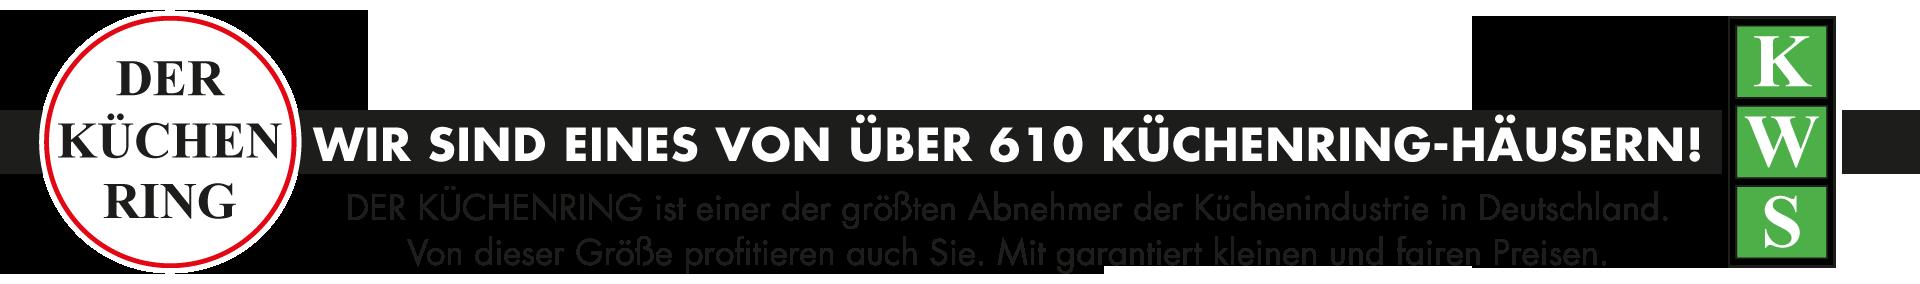 Der Küchenring - Wir sind eines von 610 Küchenring-Häusern! Der Küchenring ist einer der größten Abnehmer der Küchenindustrie in Deutschland. Von dieser Größe profitieren auch Sie. Mit garantiert kleinen und fairen Presien.